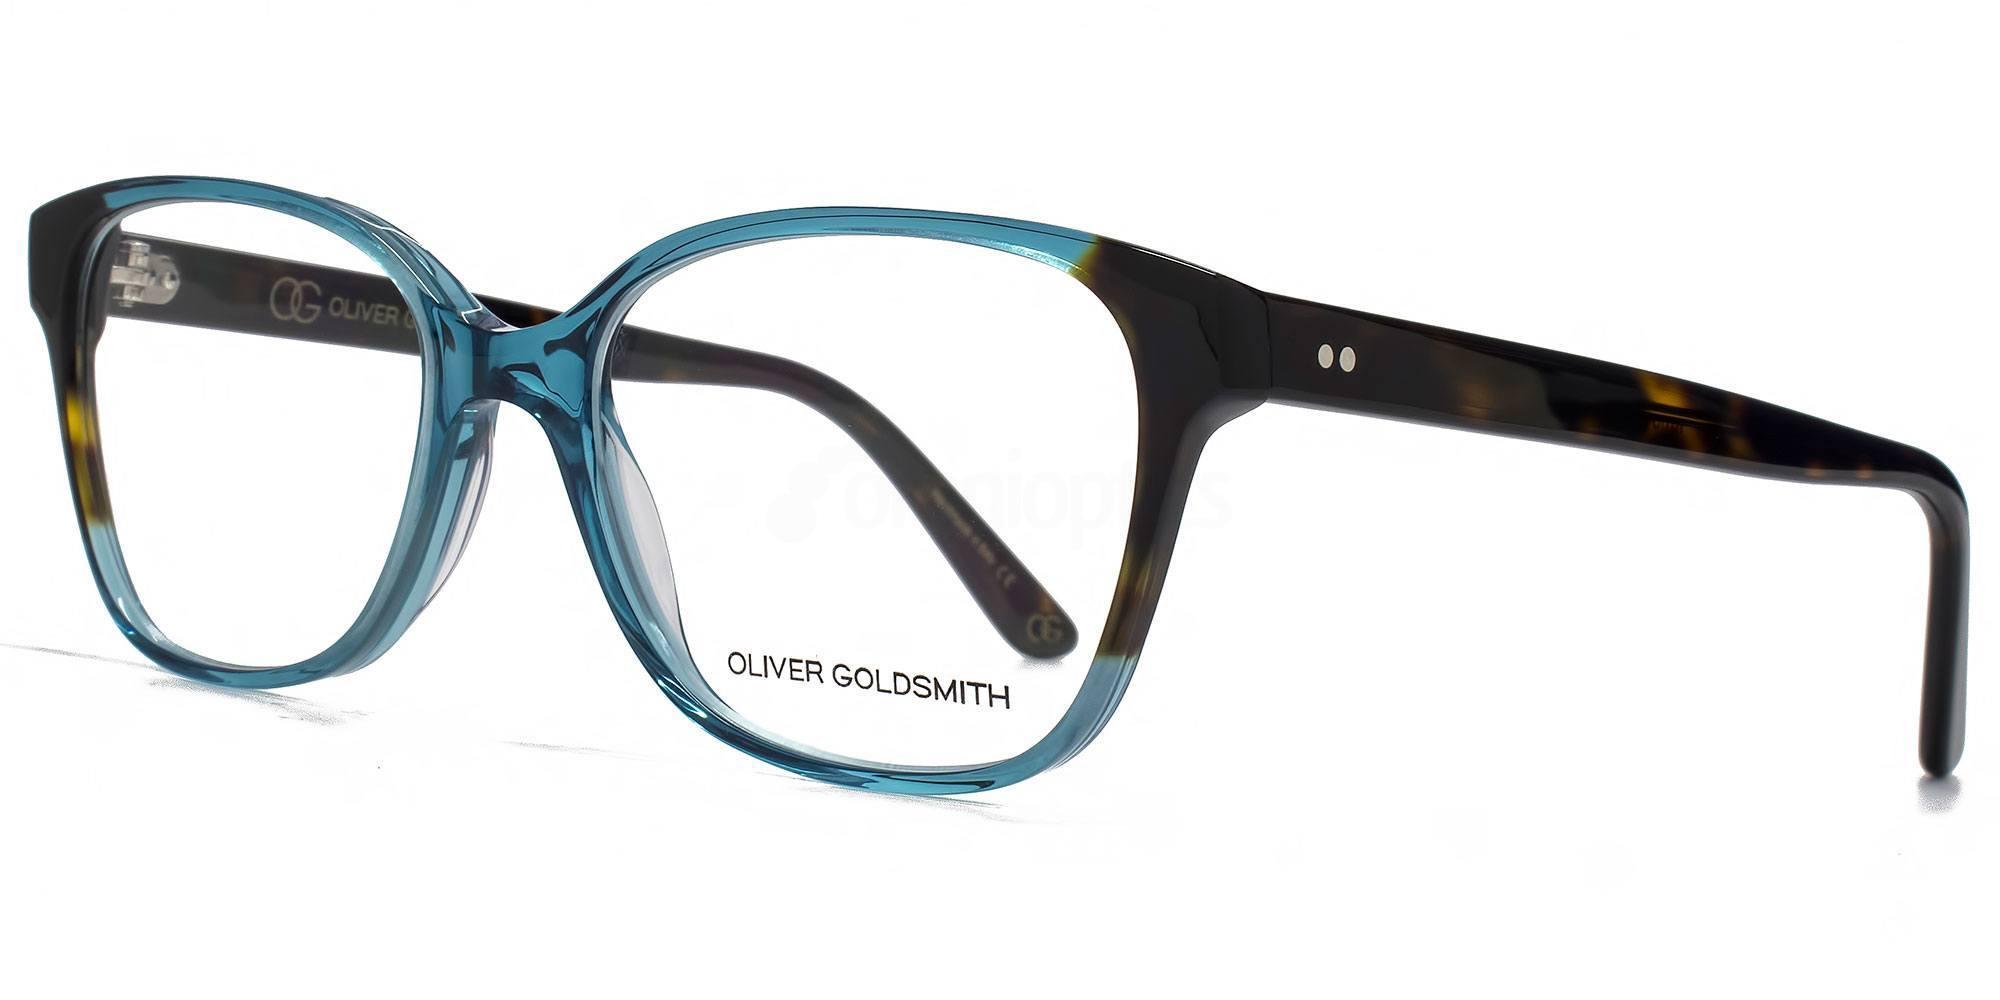 01 OLI019 - KRISTINA , Oliver Goldsmith